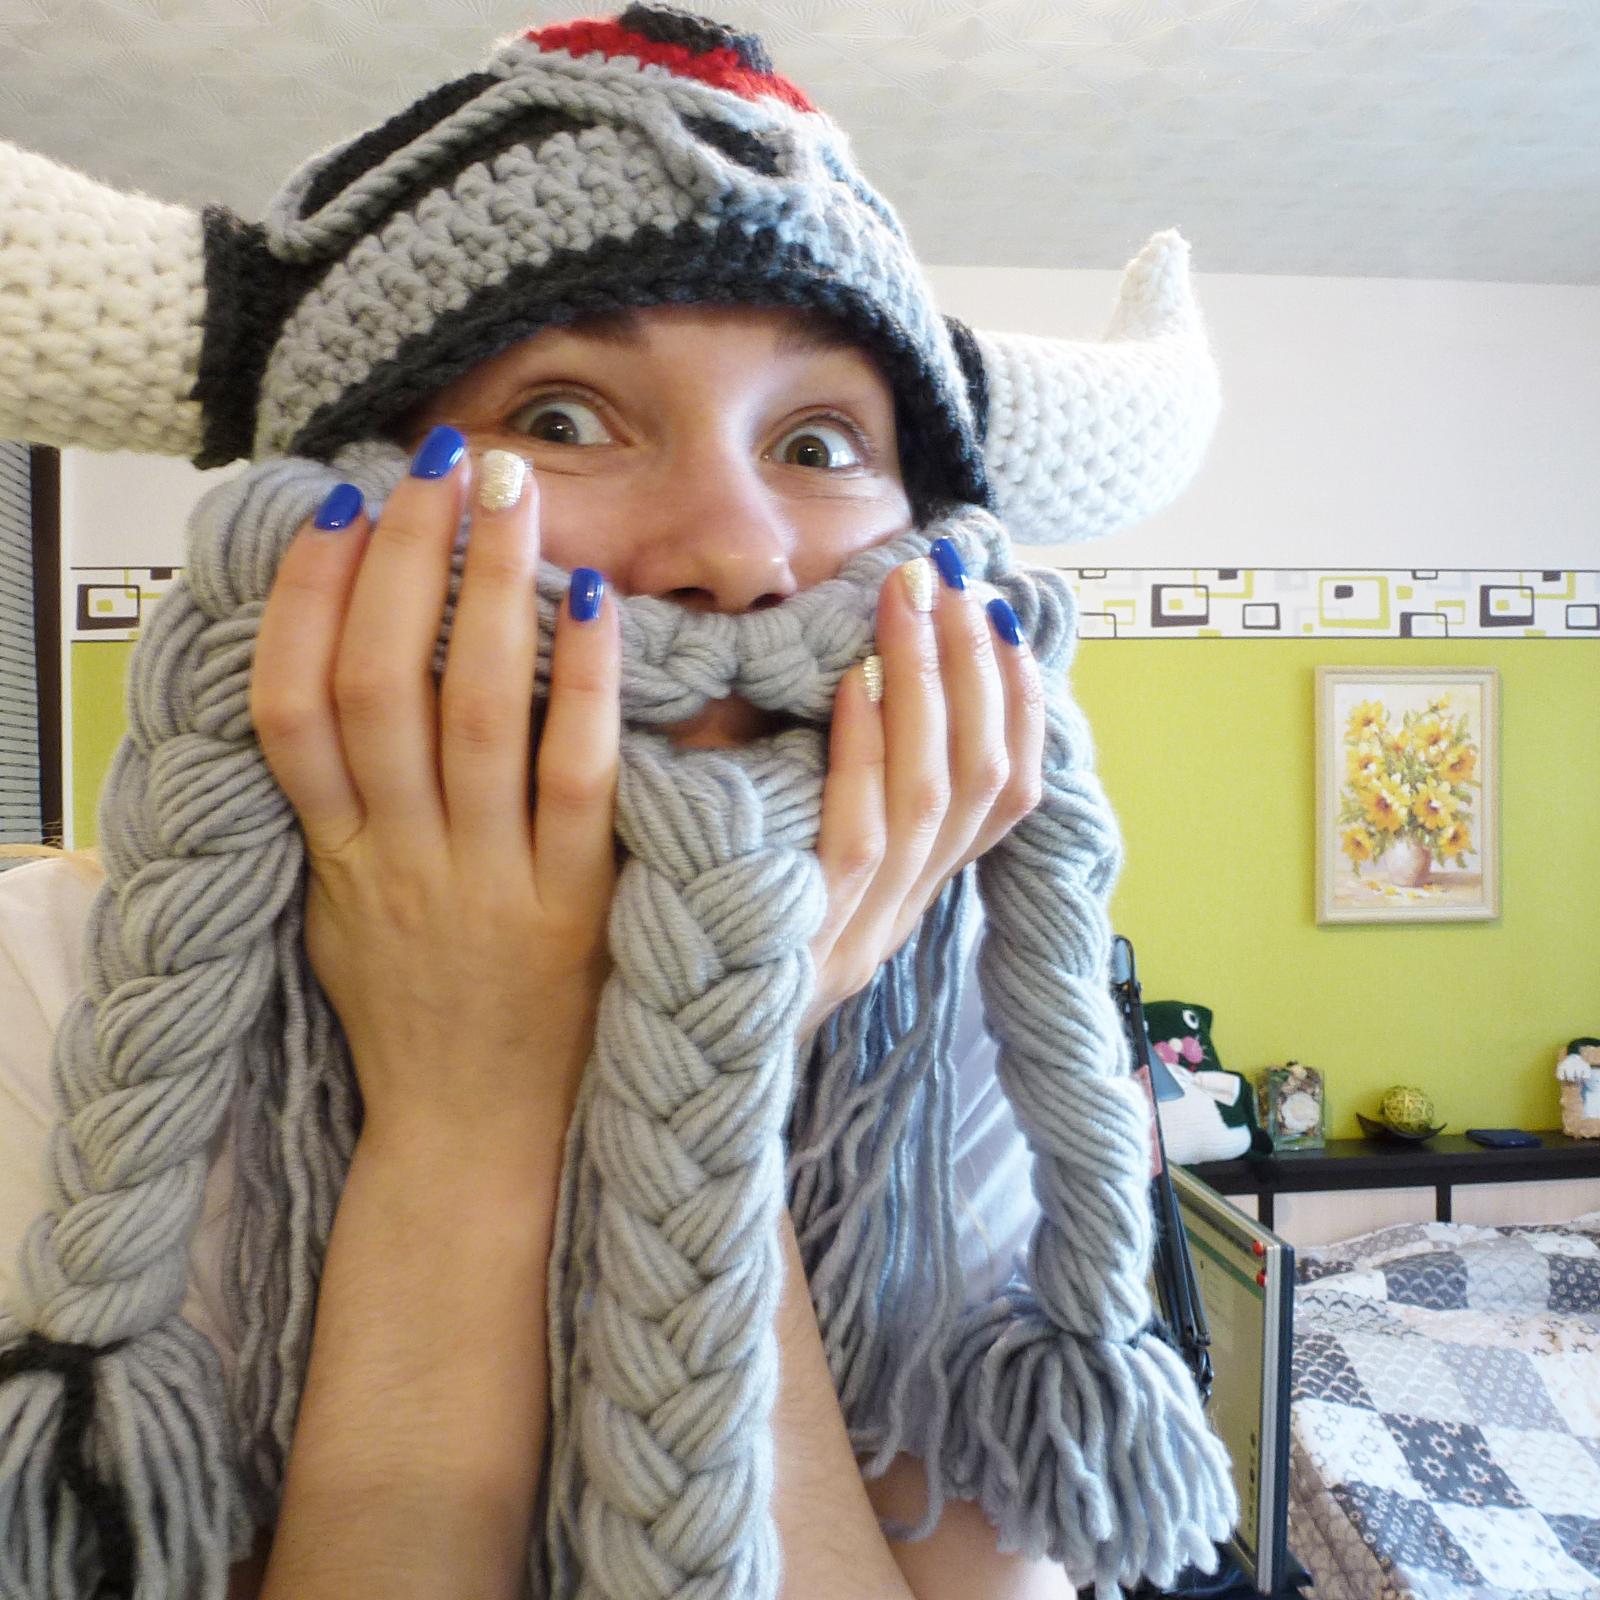 шапка шлем викинга важный вопрос в конце поста